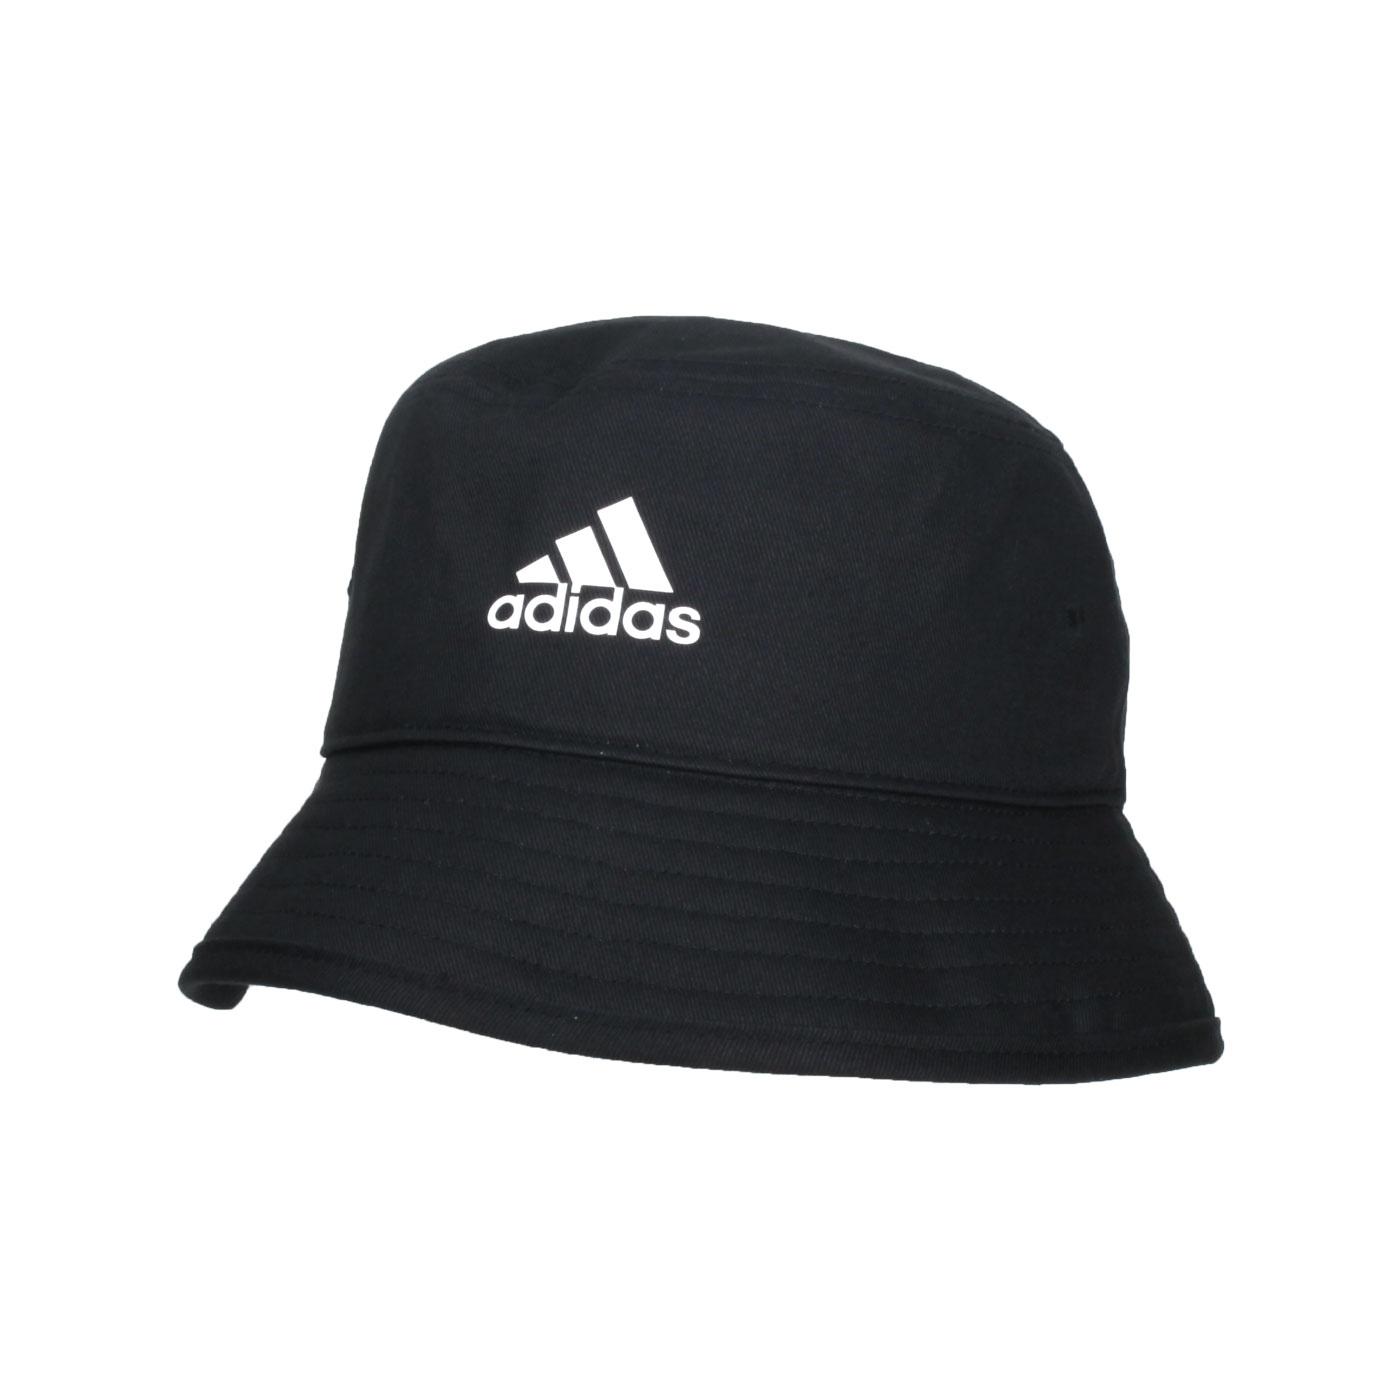 ADIDAS 漁夫帽 H36810 - 黑白